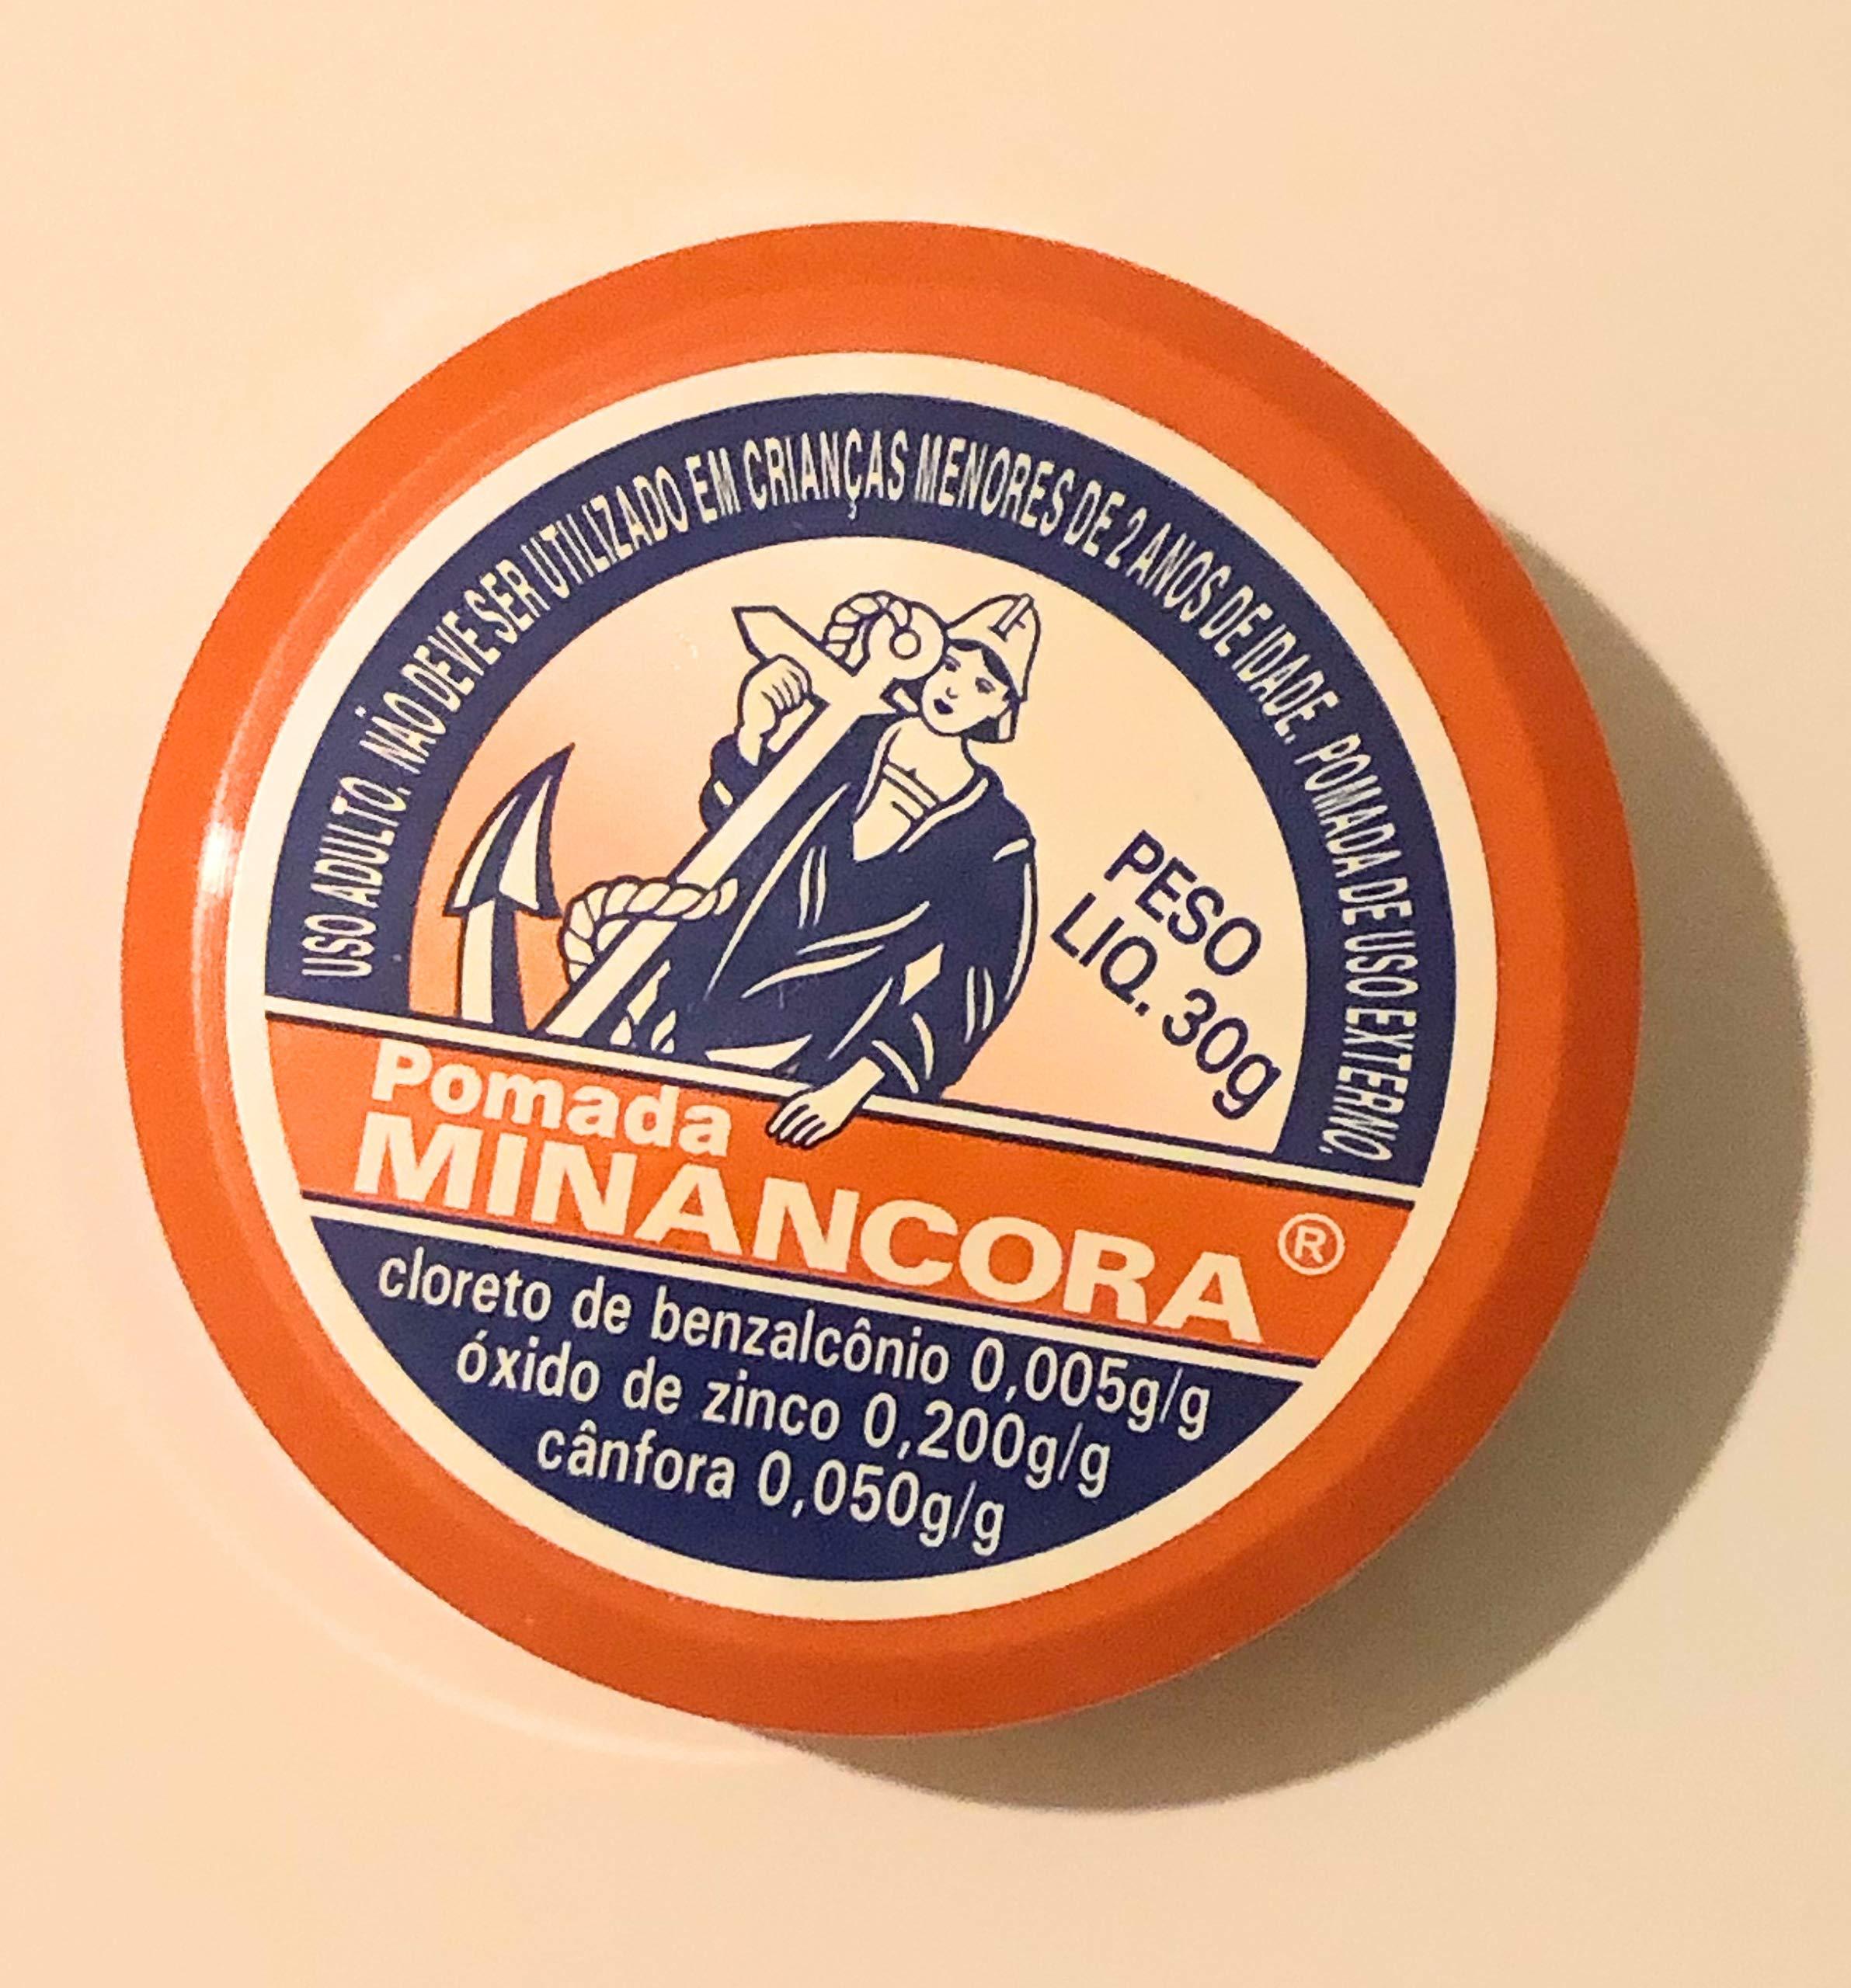 Ointment Minancora 30g